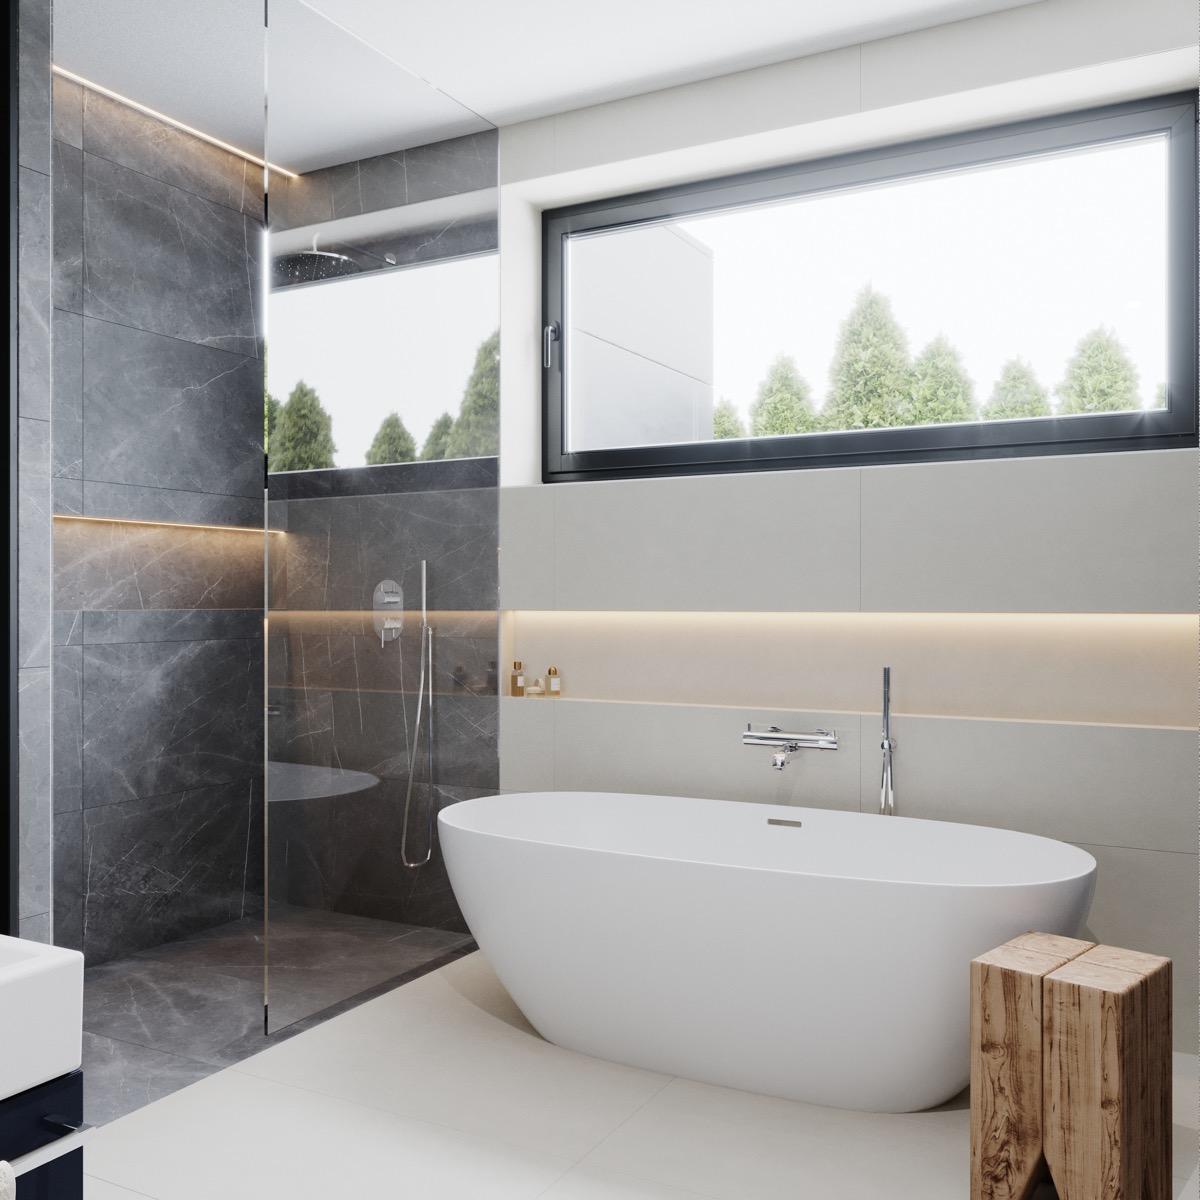 projekt domu - kúpeľňa